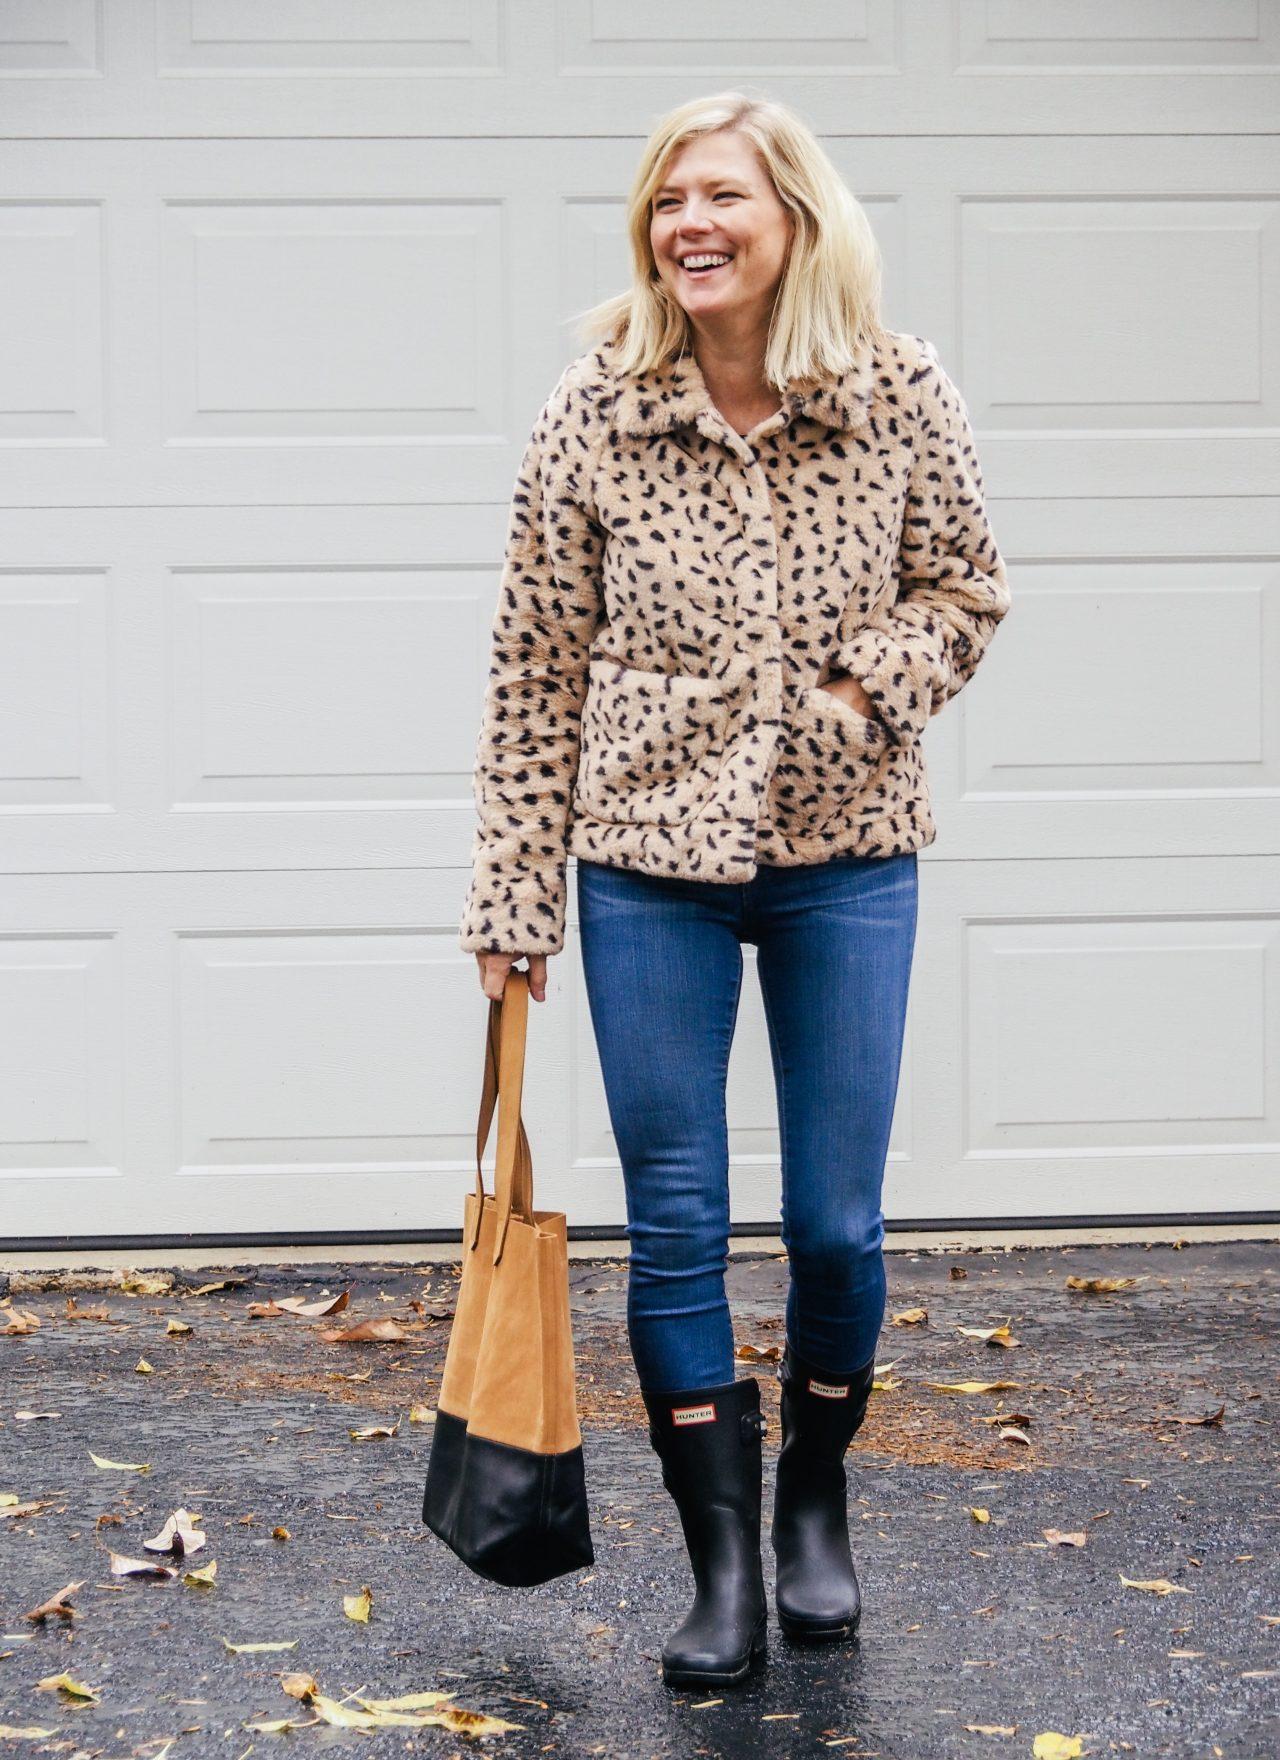 Women wearing a faux fur leopard jacket